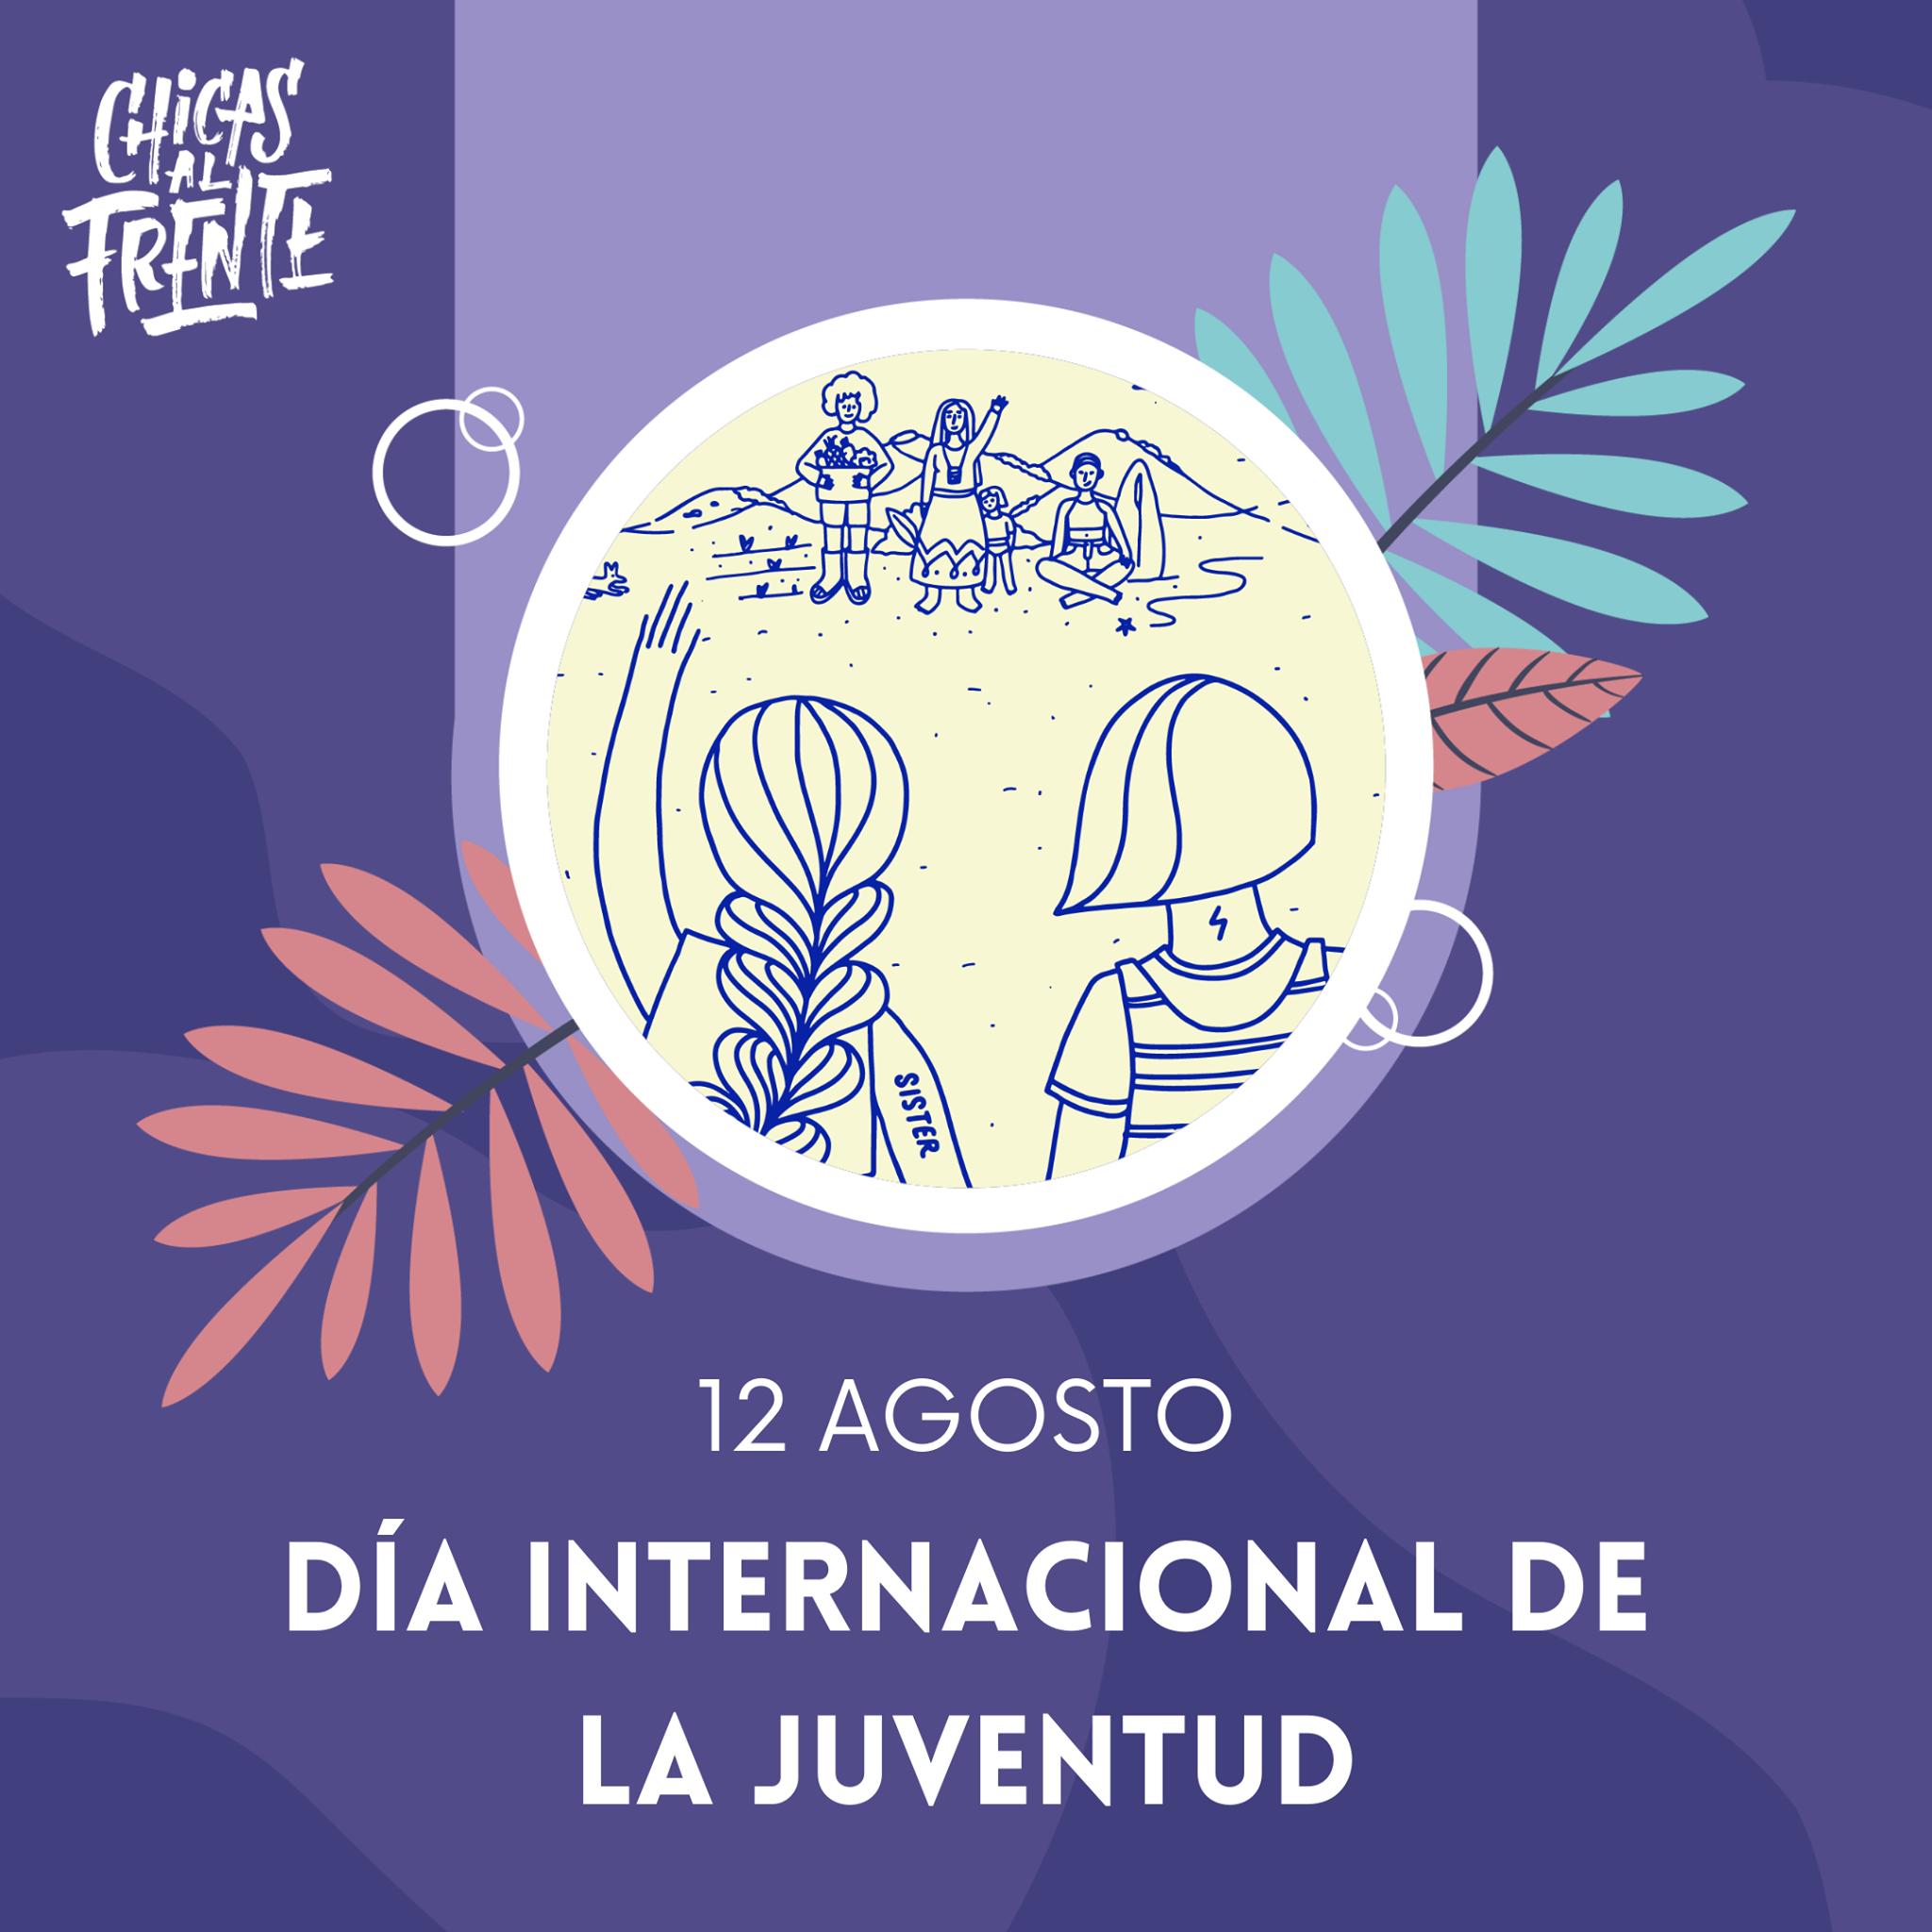 12 de agosto: día internacional de la juventud.